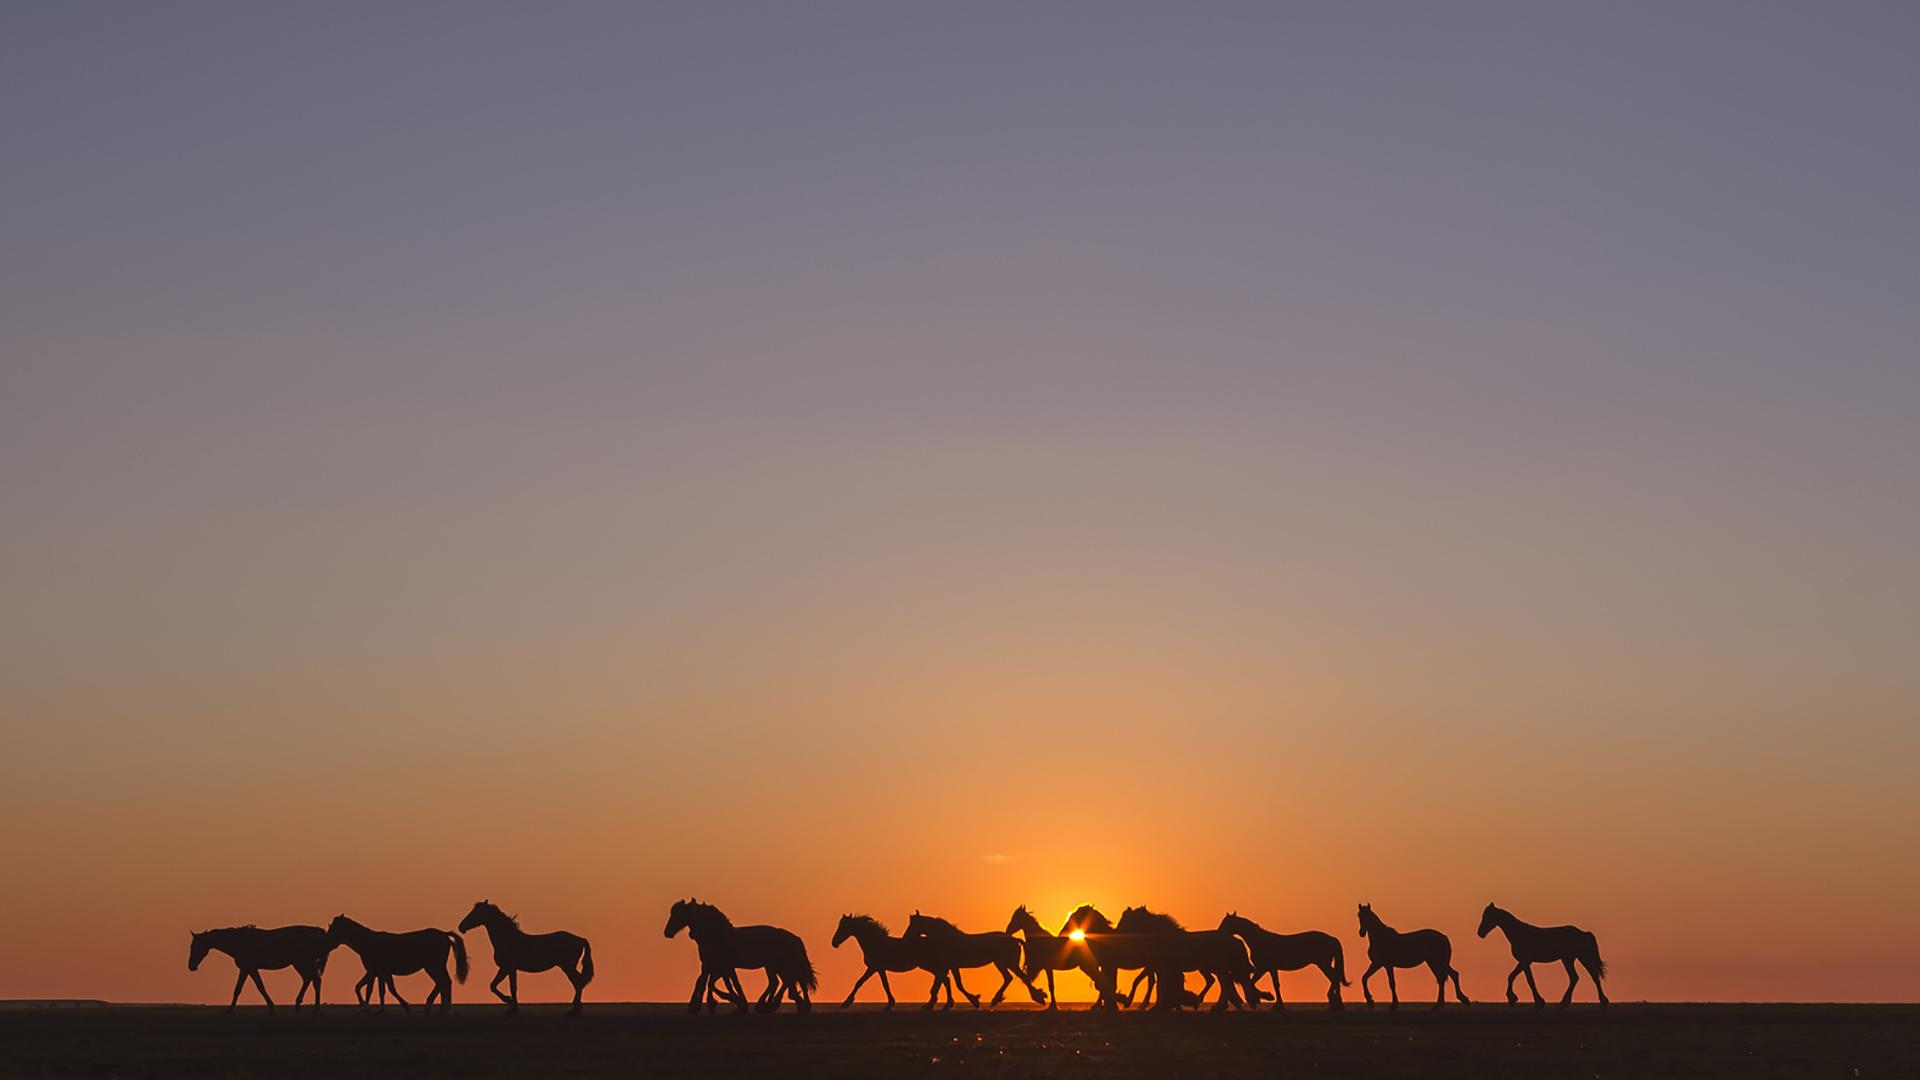 Обои для рабочего стола Лошади силуэты рассвет и закат животное 1920x1080 лошадь Силуэт силуэта Рассветы и закаты Животные